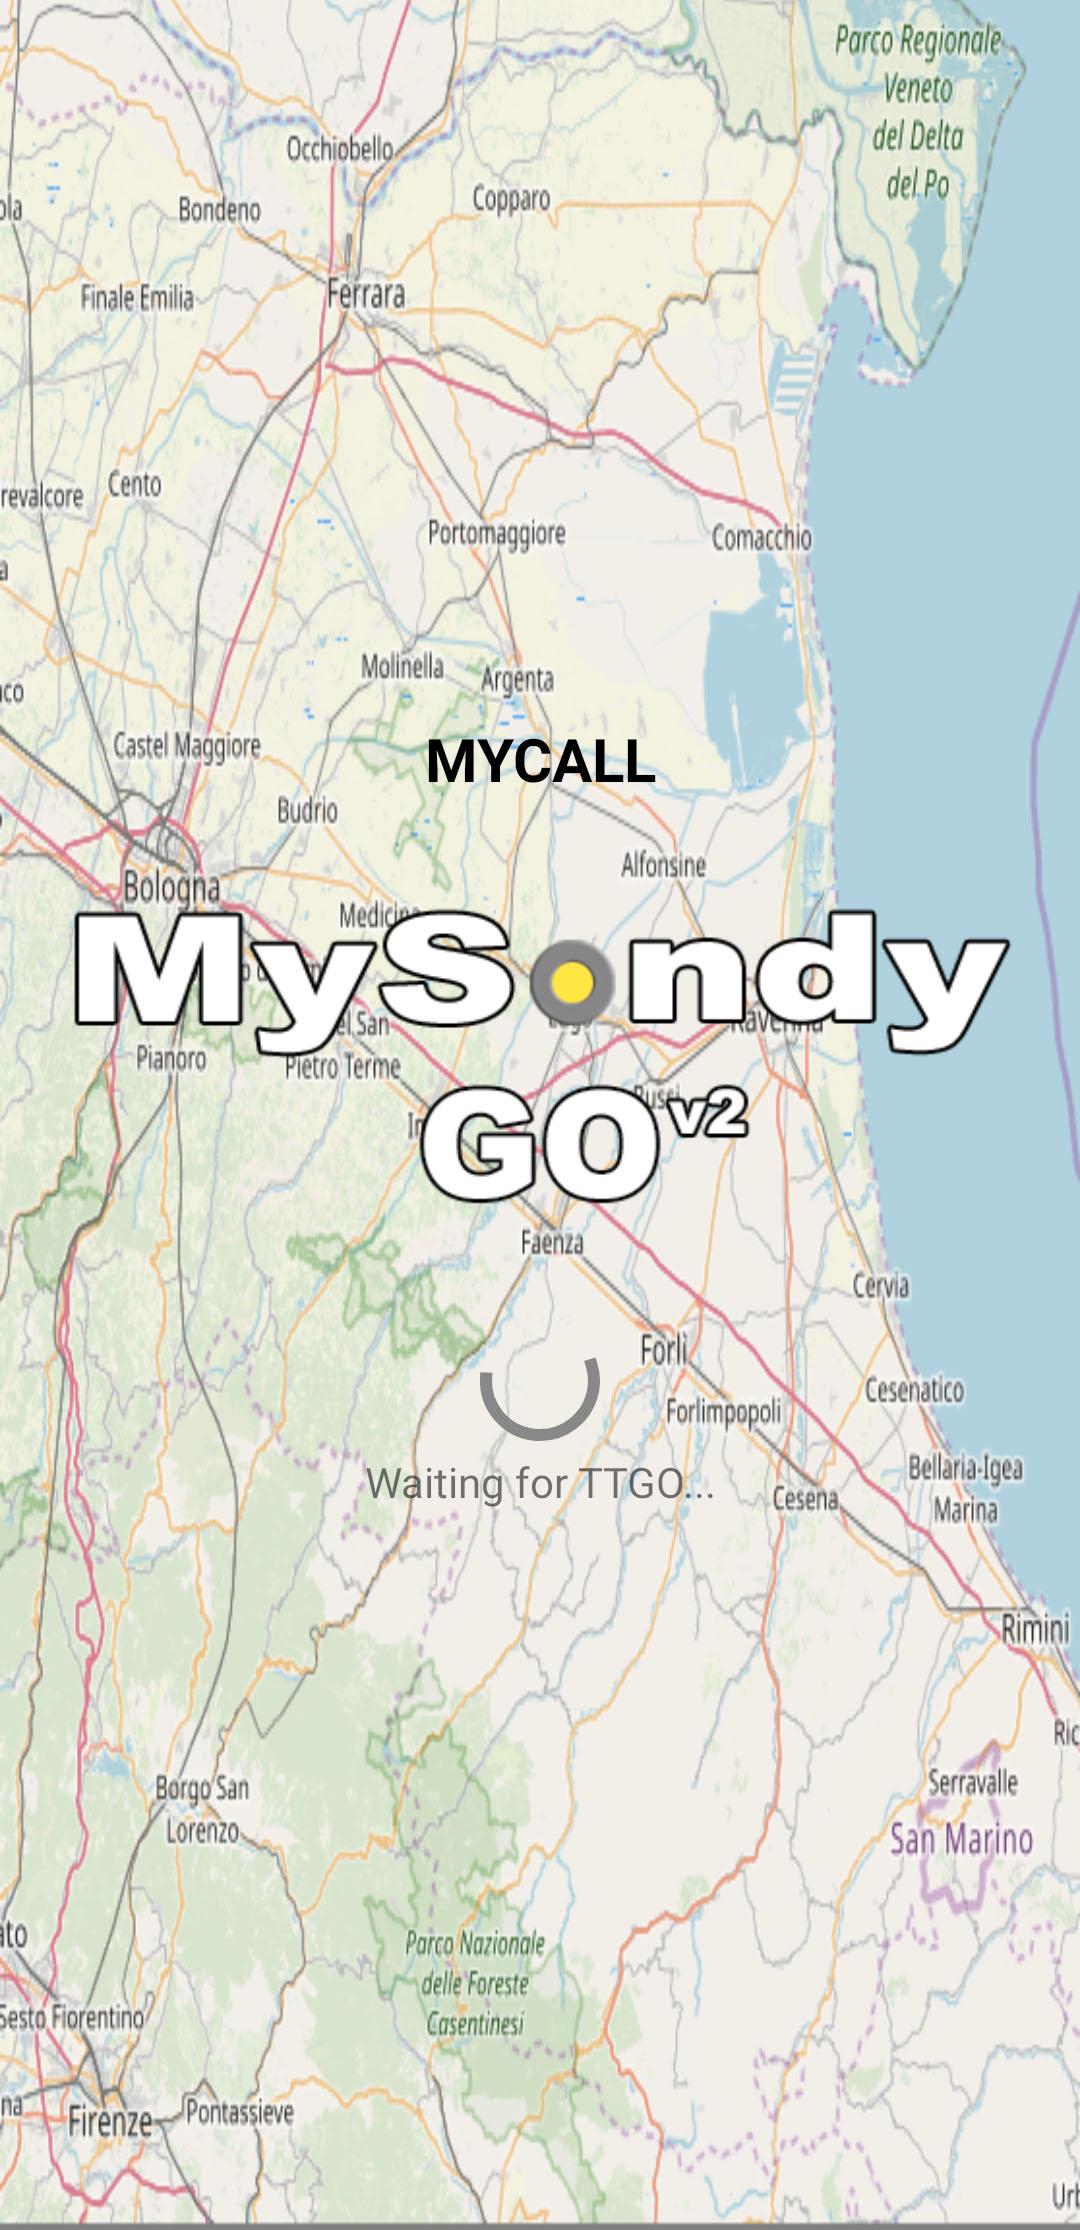 MySondy GO 1